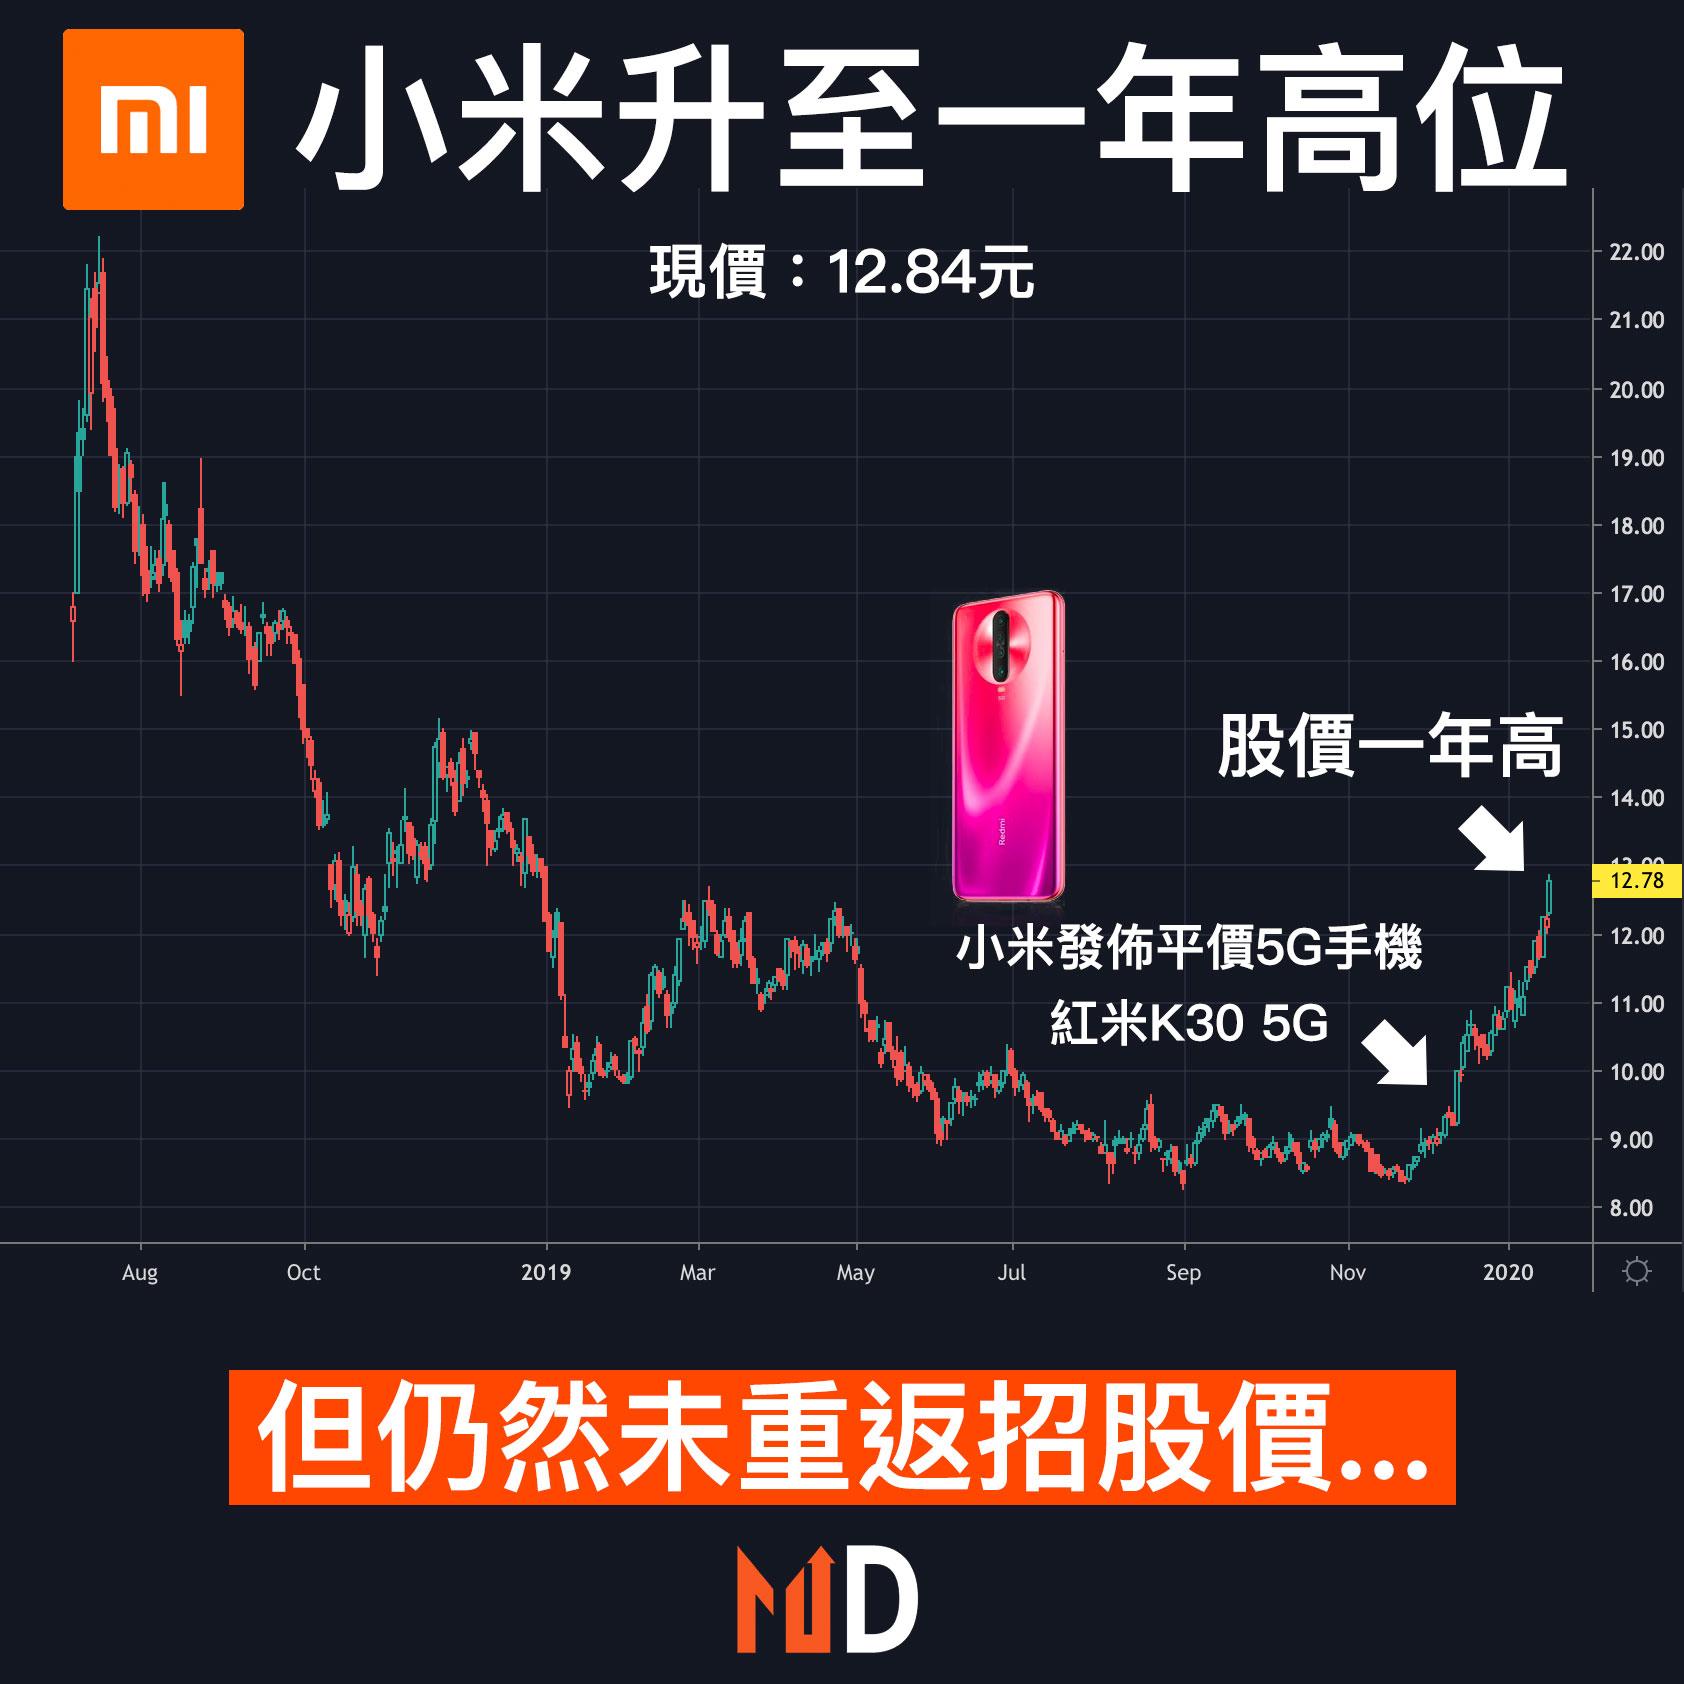 【圖解股市】小米升至一年高位,但仍然未重返招股價...